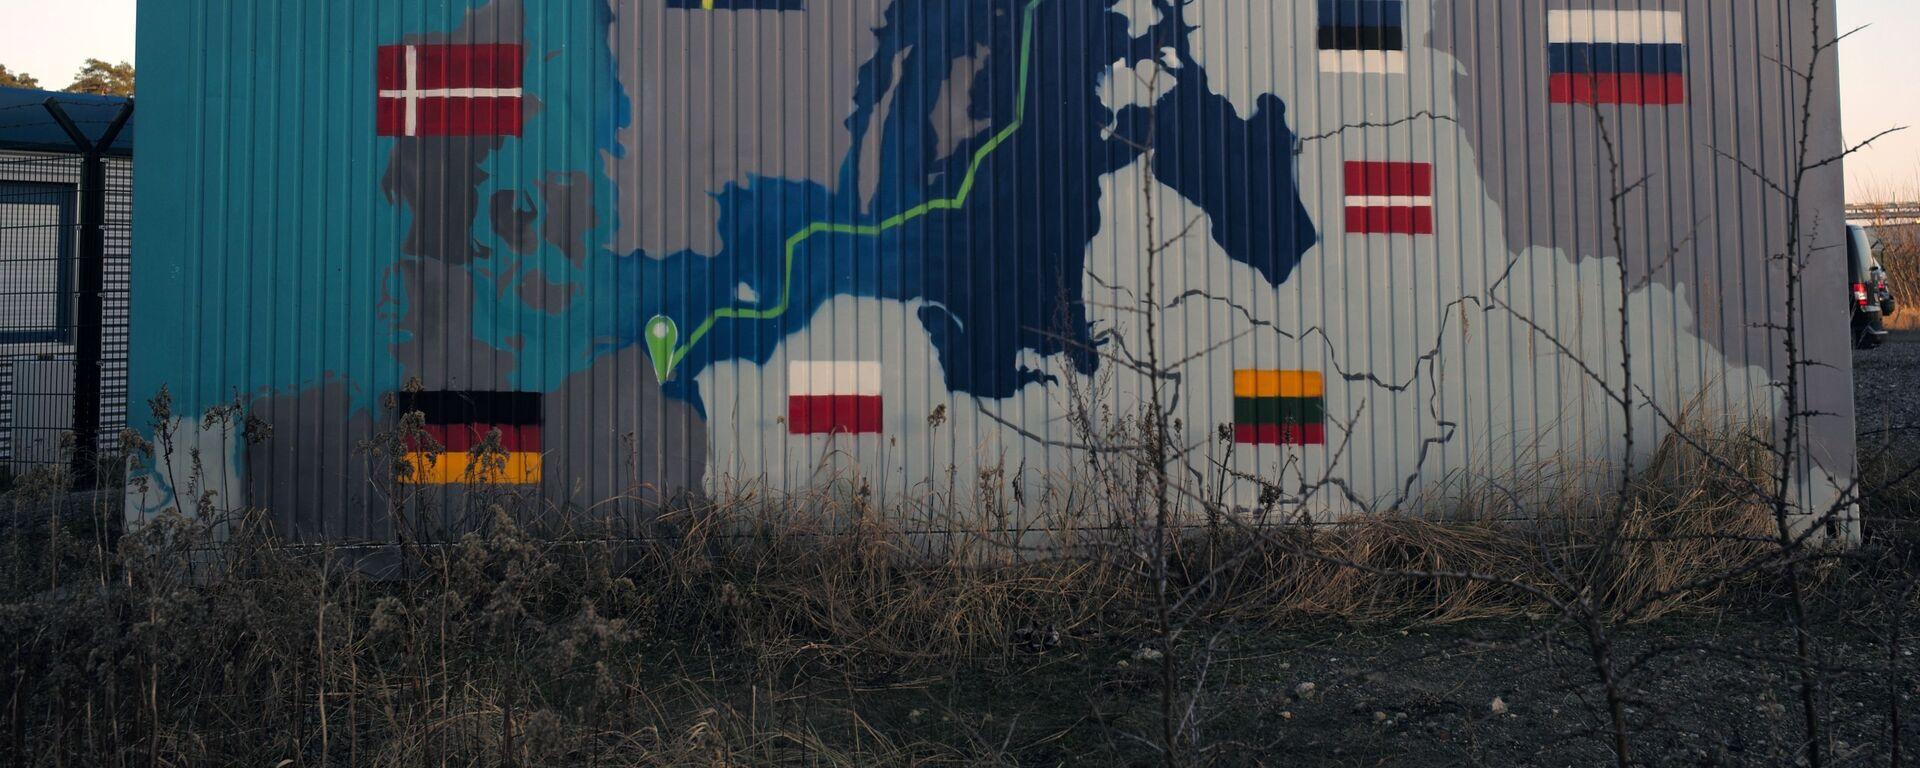 Obiekty lądowe gazociągu Nord Stream 2 w Lubminie w Niemczech. - Sputnik Polska, 1920, 01.07.2021